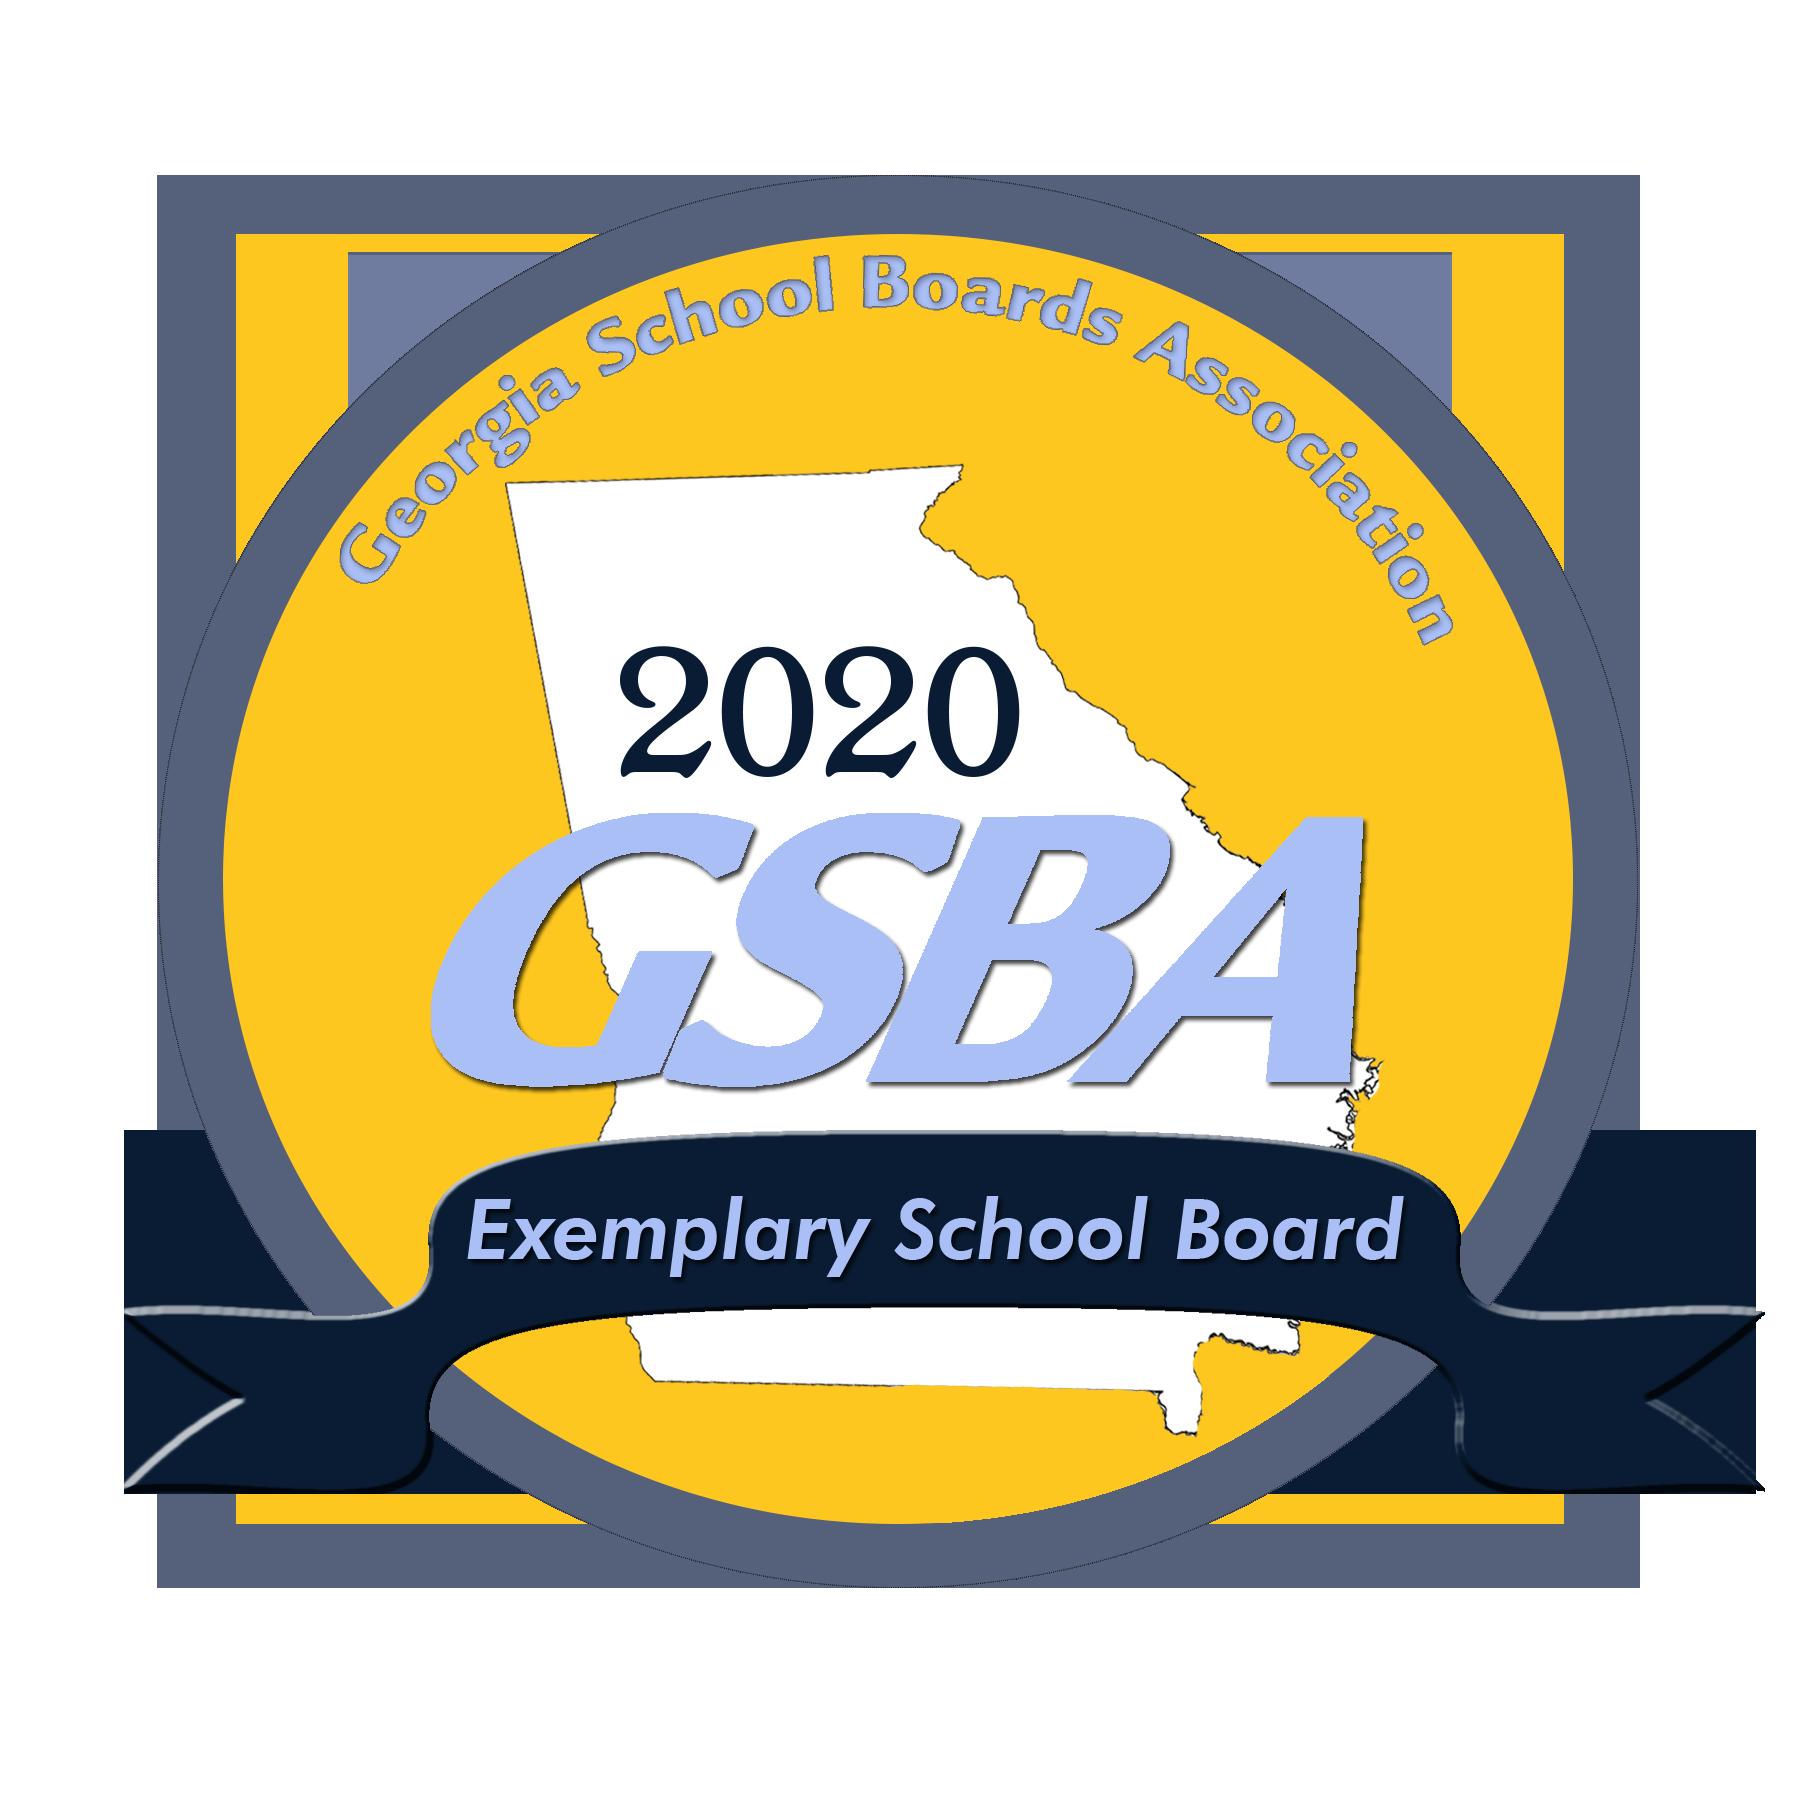 exemplary school board